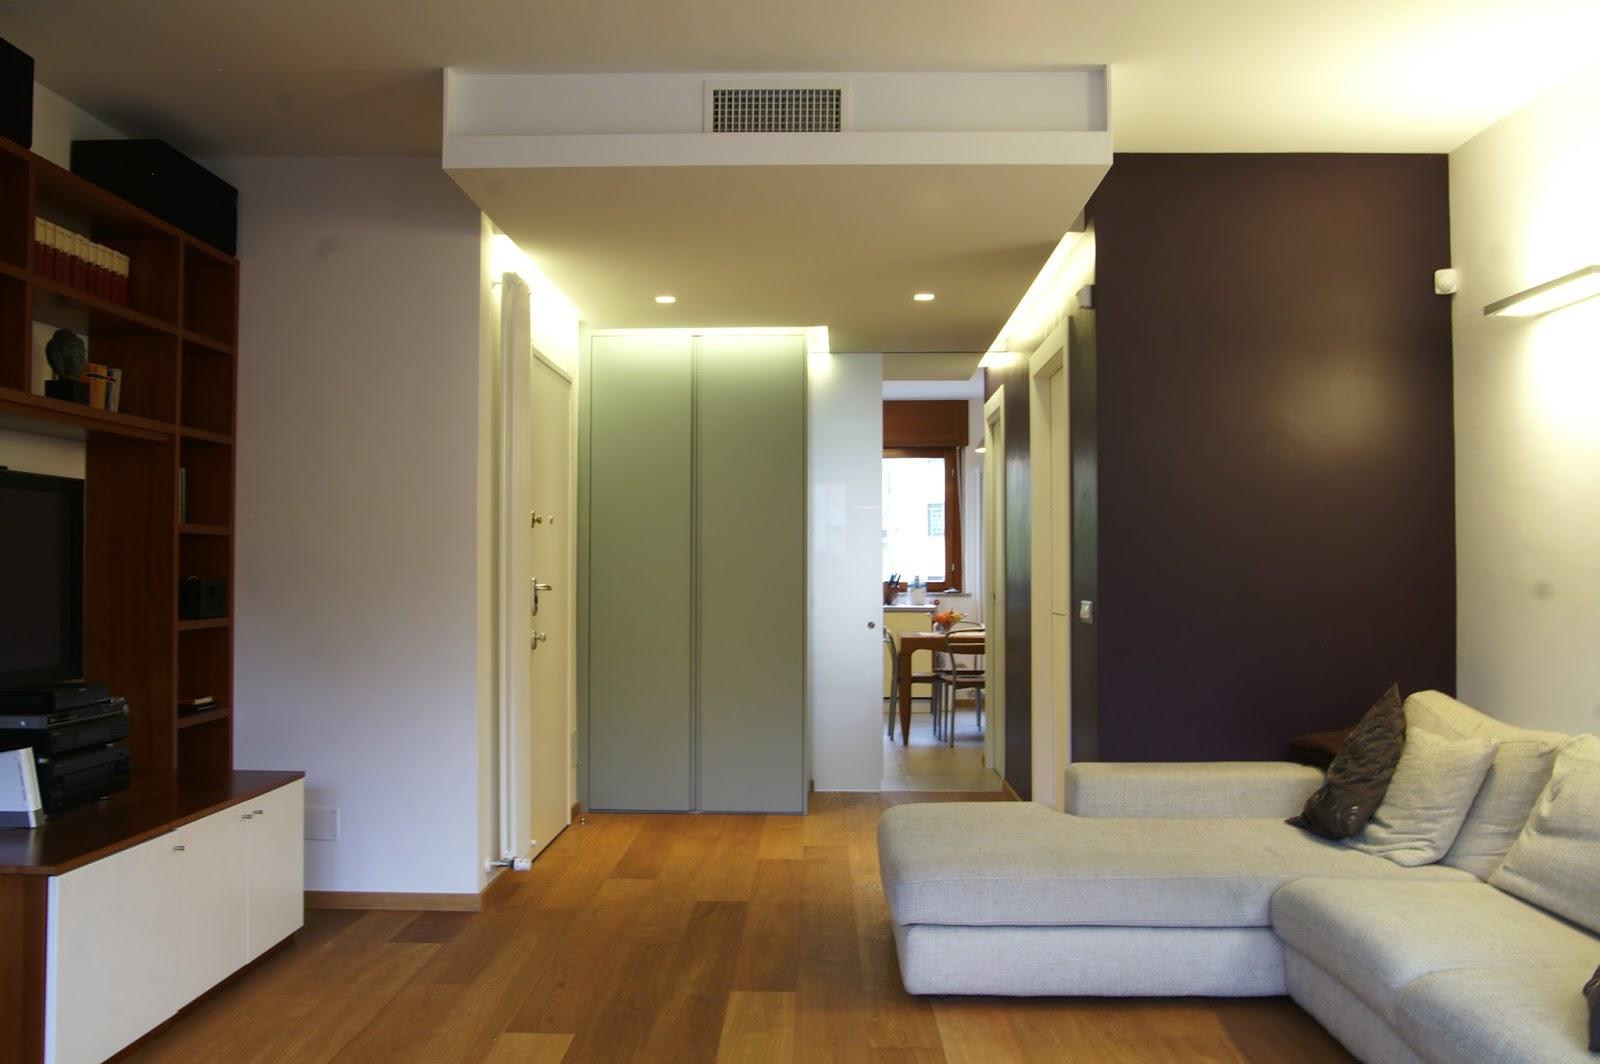 Illuminazione led casa illuminazione a torino for Illuminazione led a soffitto